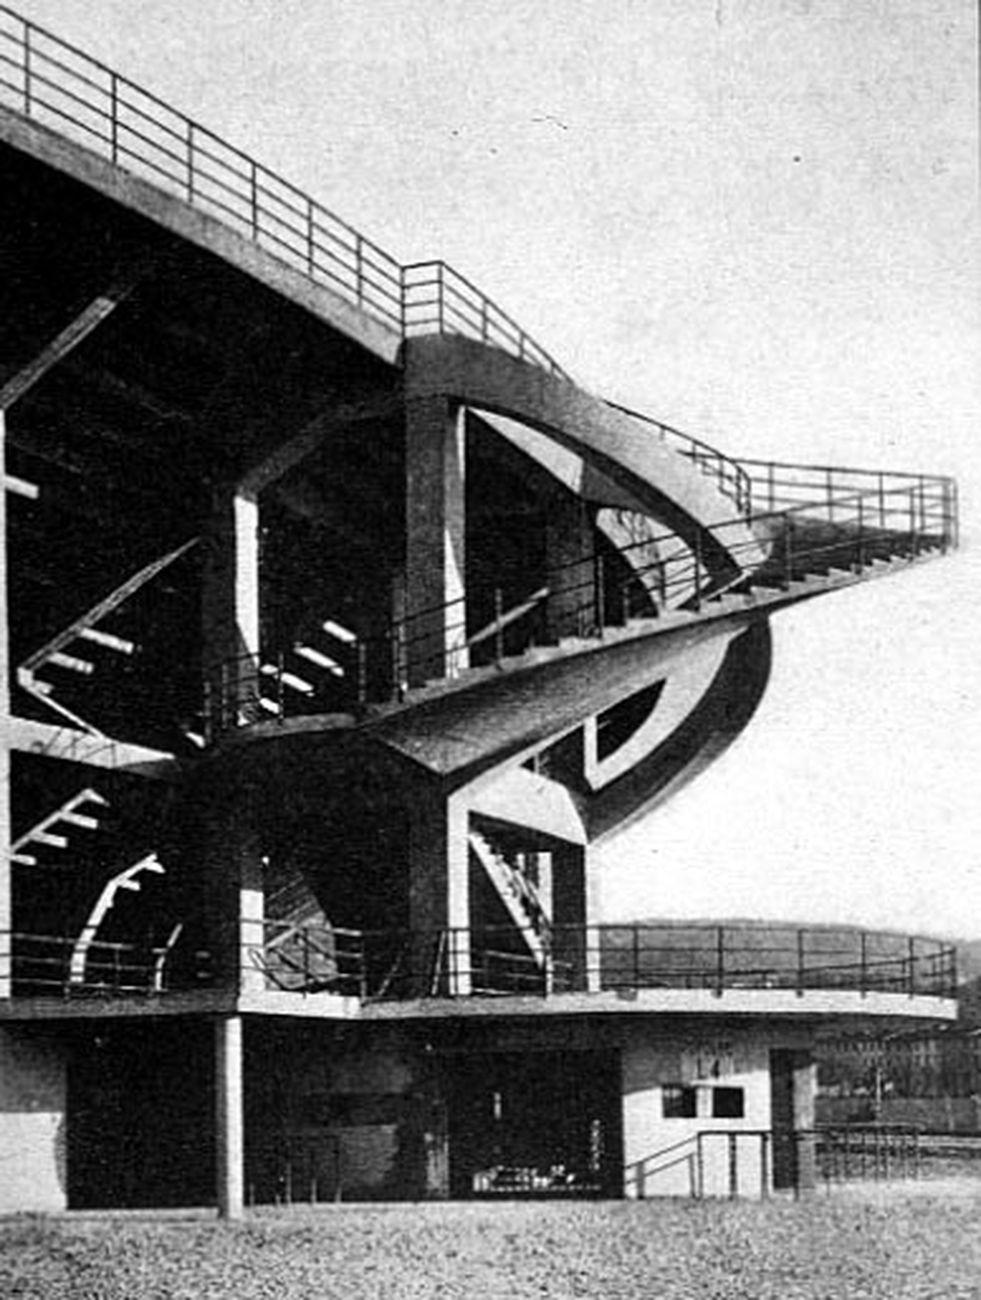 Scala elicoidale dello Stadio Artemio Franchi di Firenze progettato nel 1929 da Pier Luigi Nervi e Gioacchino Luigi Mellucci